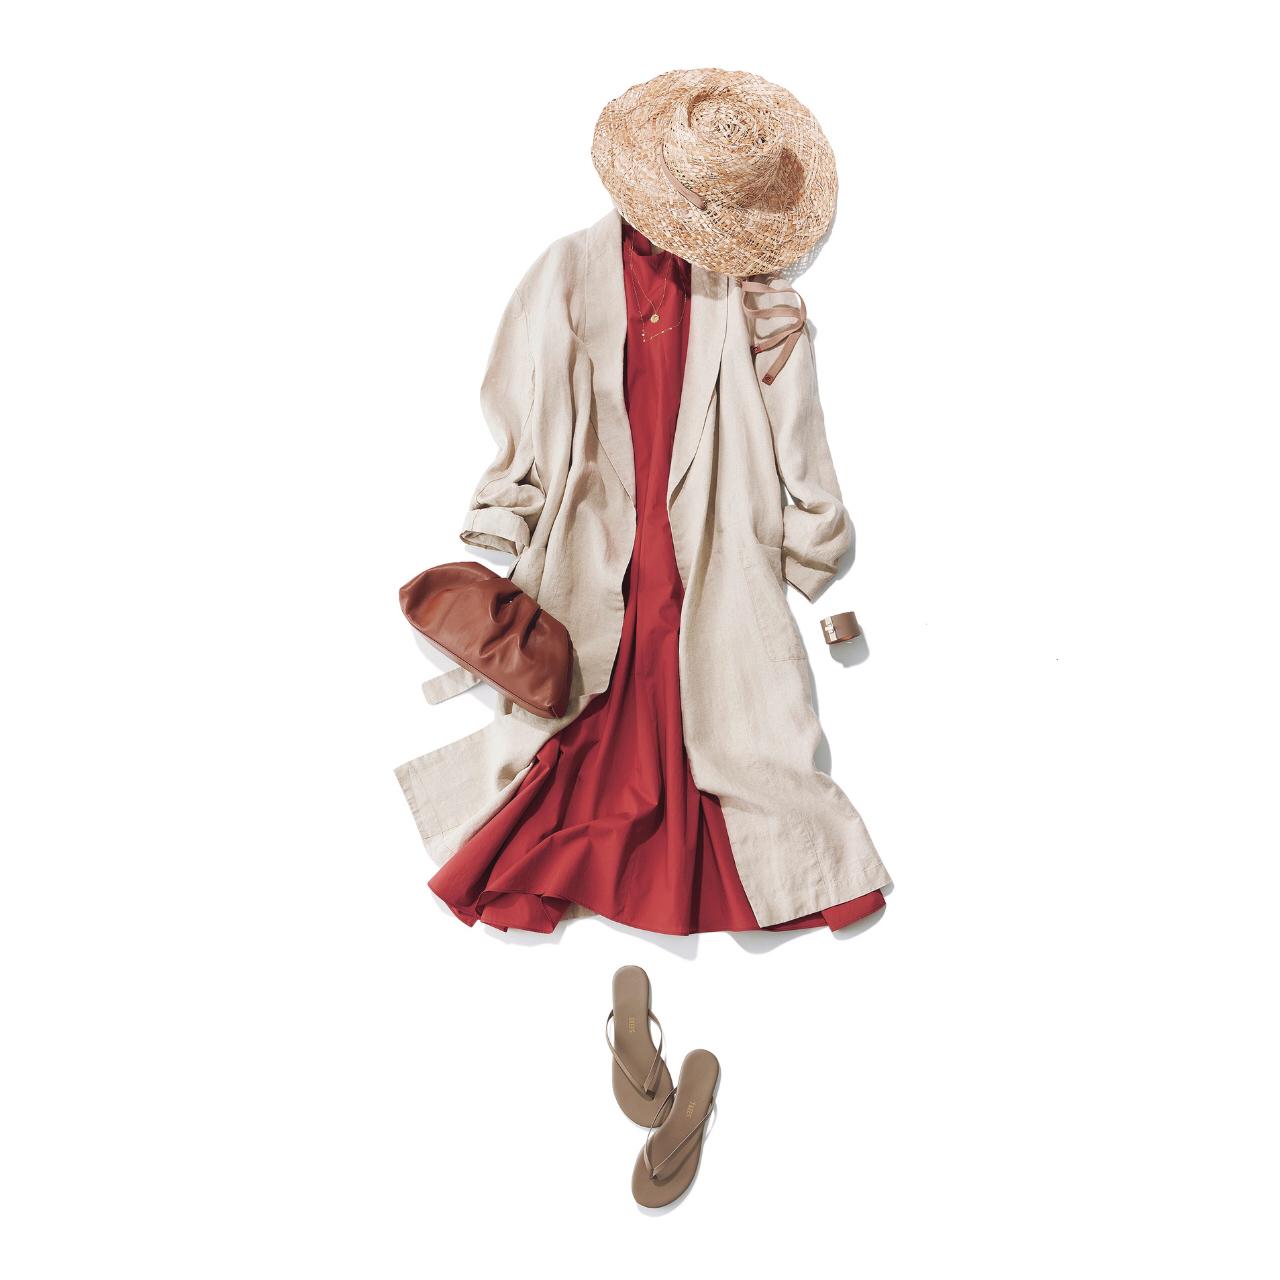 【大人のためのビーサン】アラフォーのカジュアルコーデに似合うビーサンのあわせ方&選び方|40代ファッション_1_5